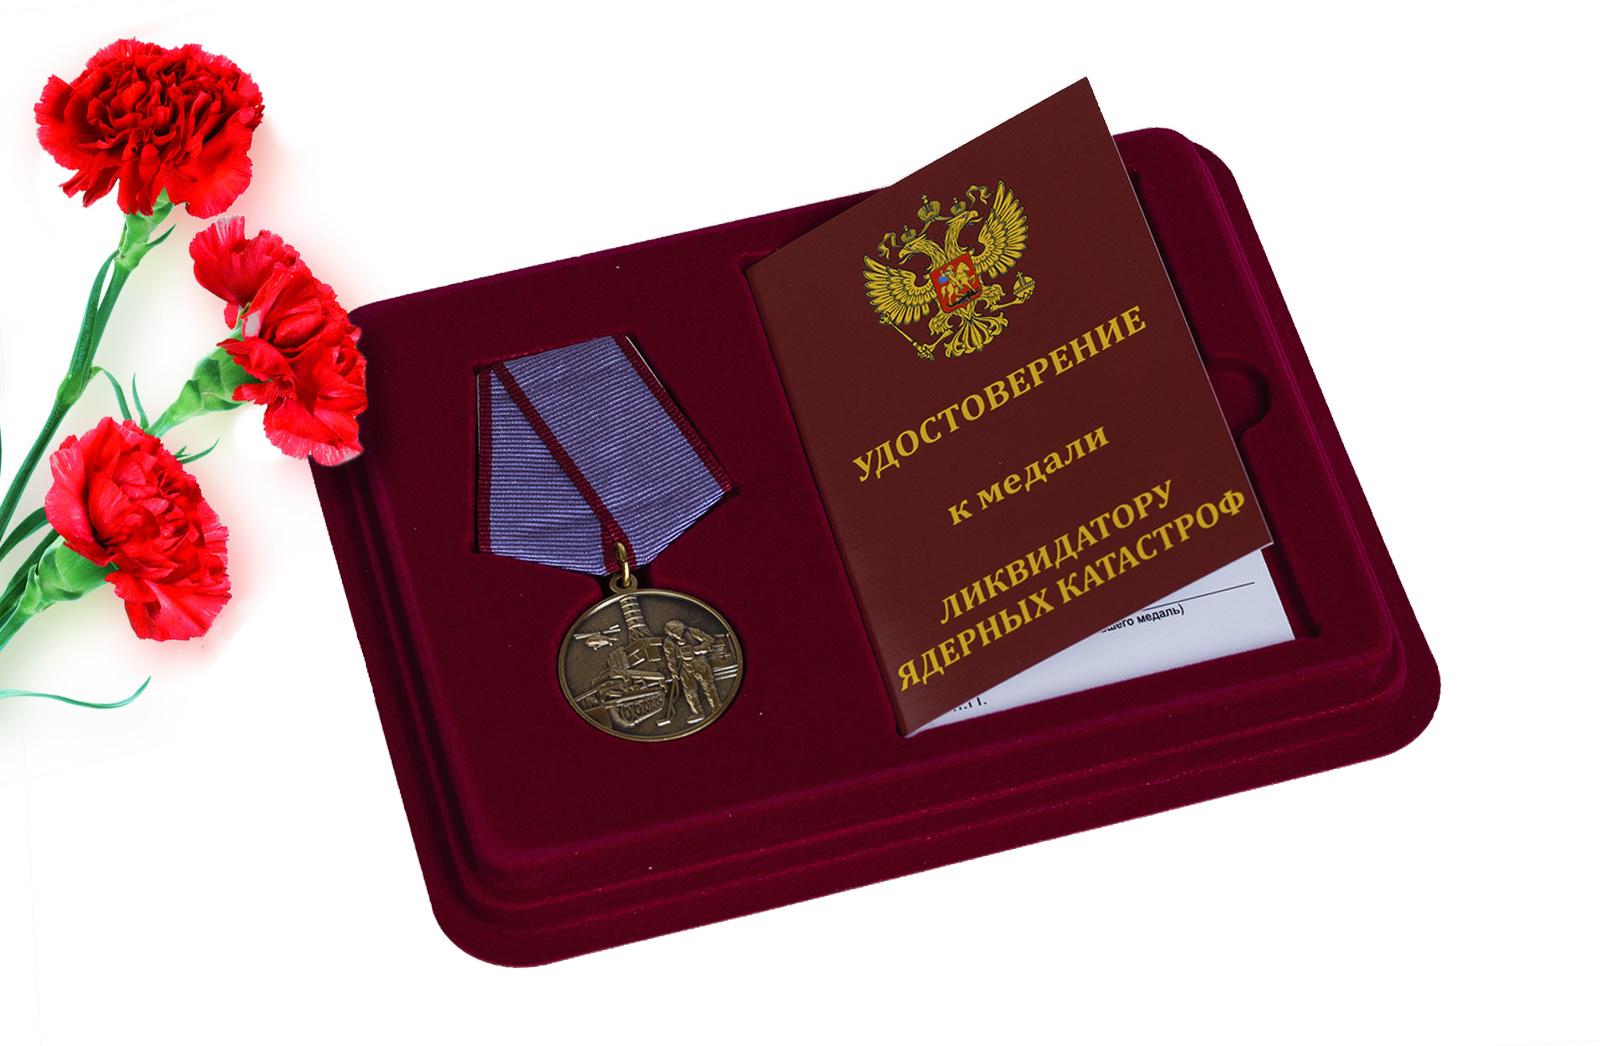 Медаль Ликвидатору ядерных катастроф купить онлайн